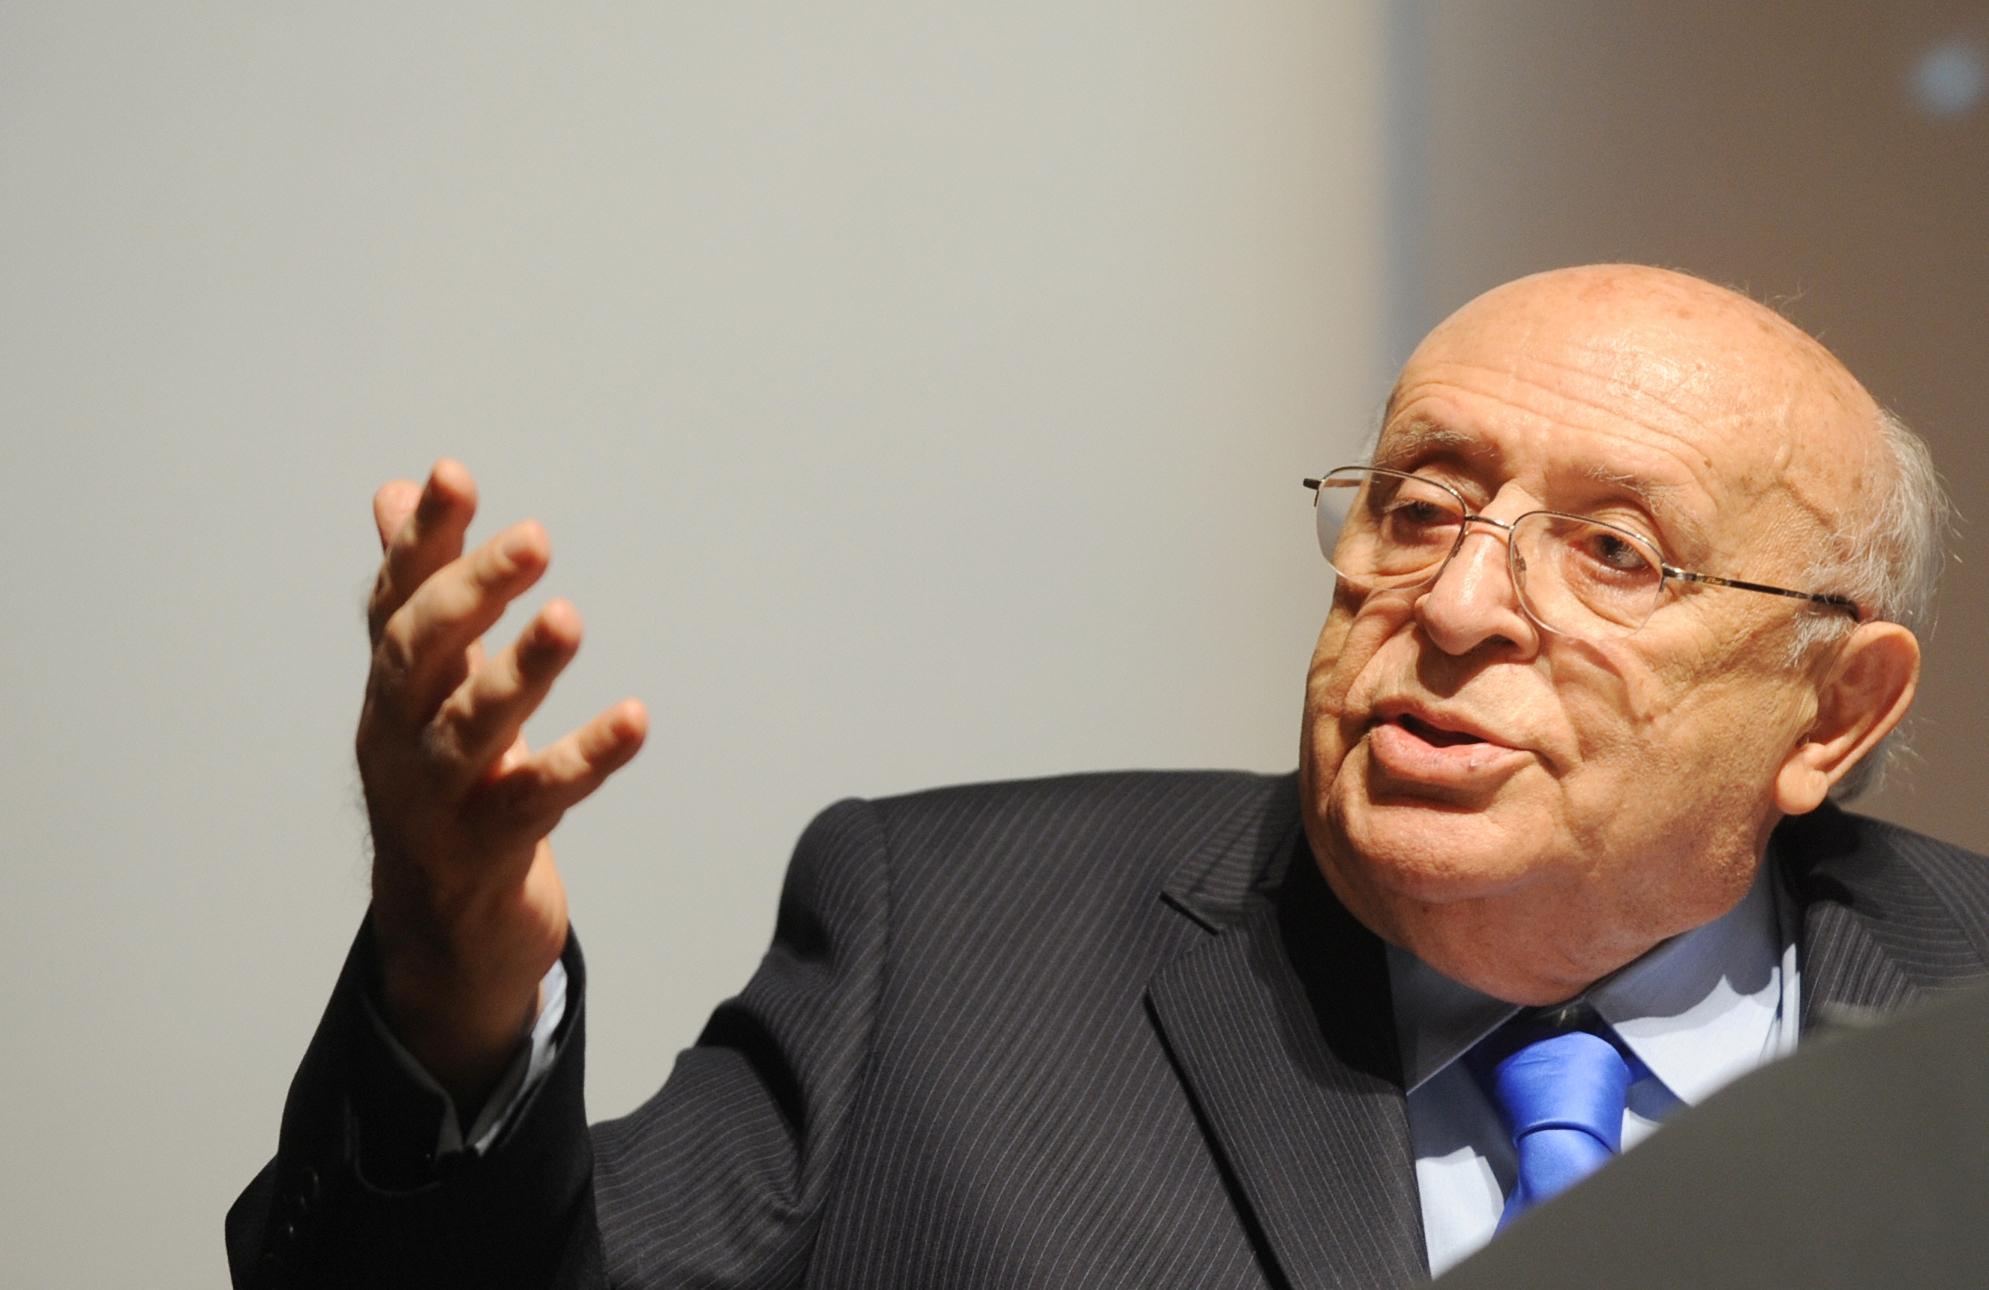 Süleyman Demirel, siyasetçi (ÖY-2015) tarihte bugün